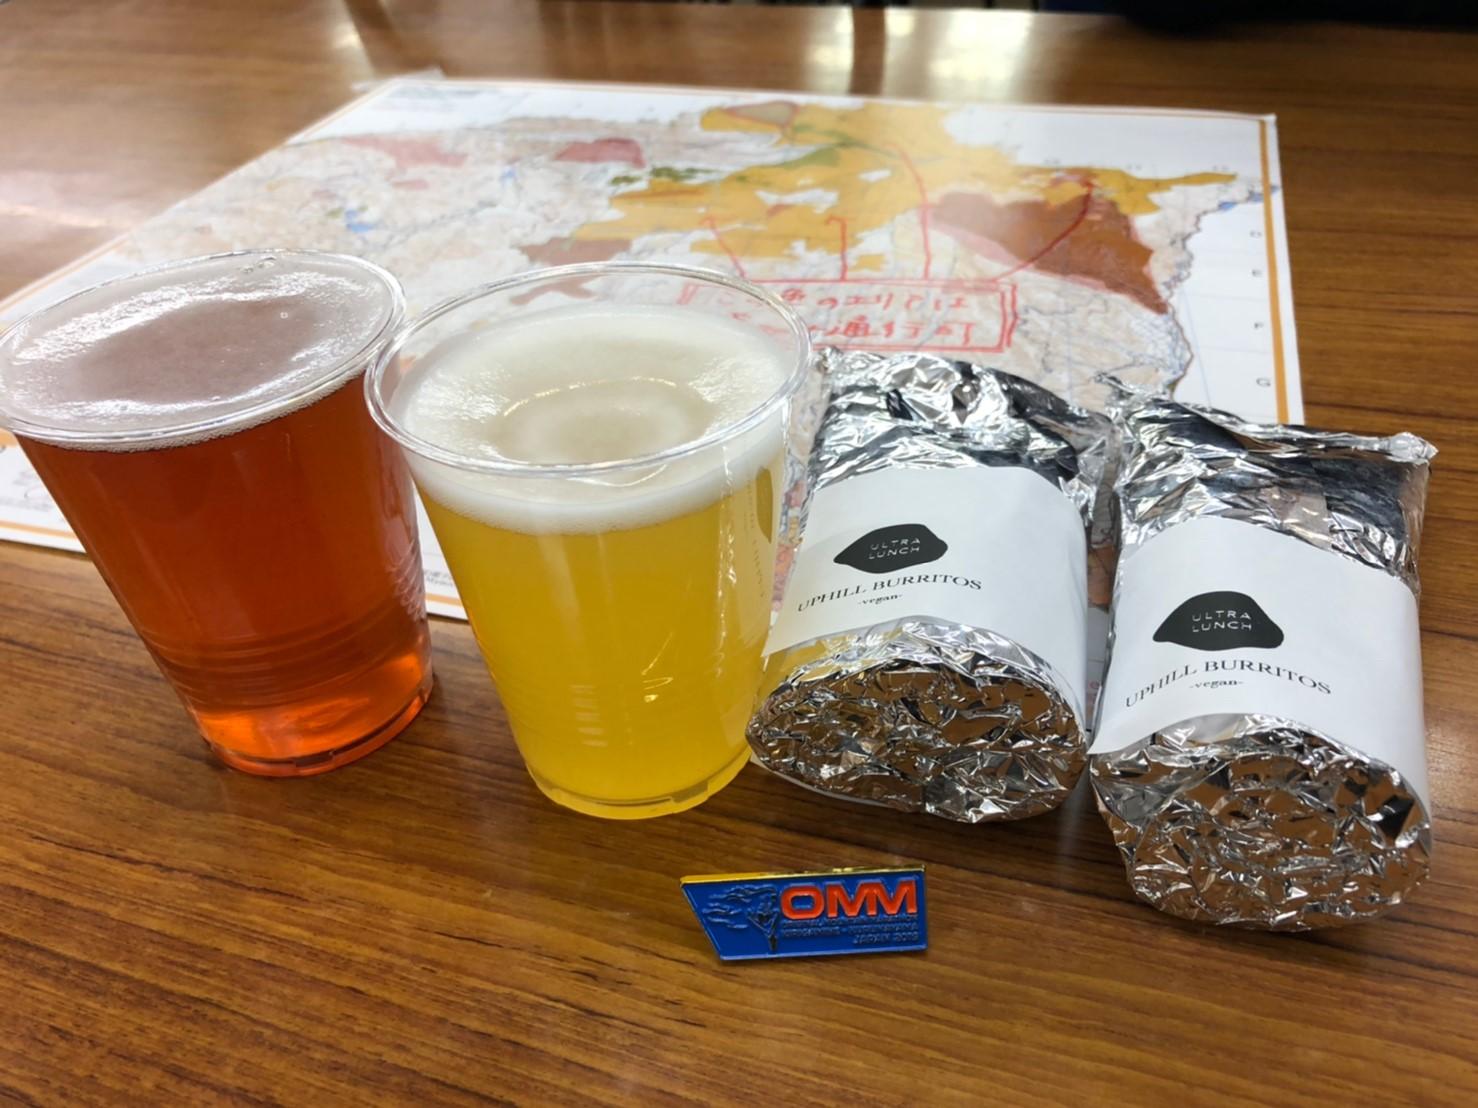 「2日分の食料・テントを背負い挑むレース「OMM JAPAN」の魅力」の画像